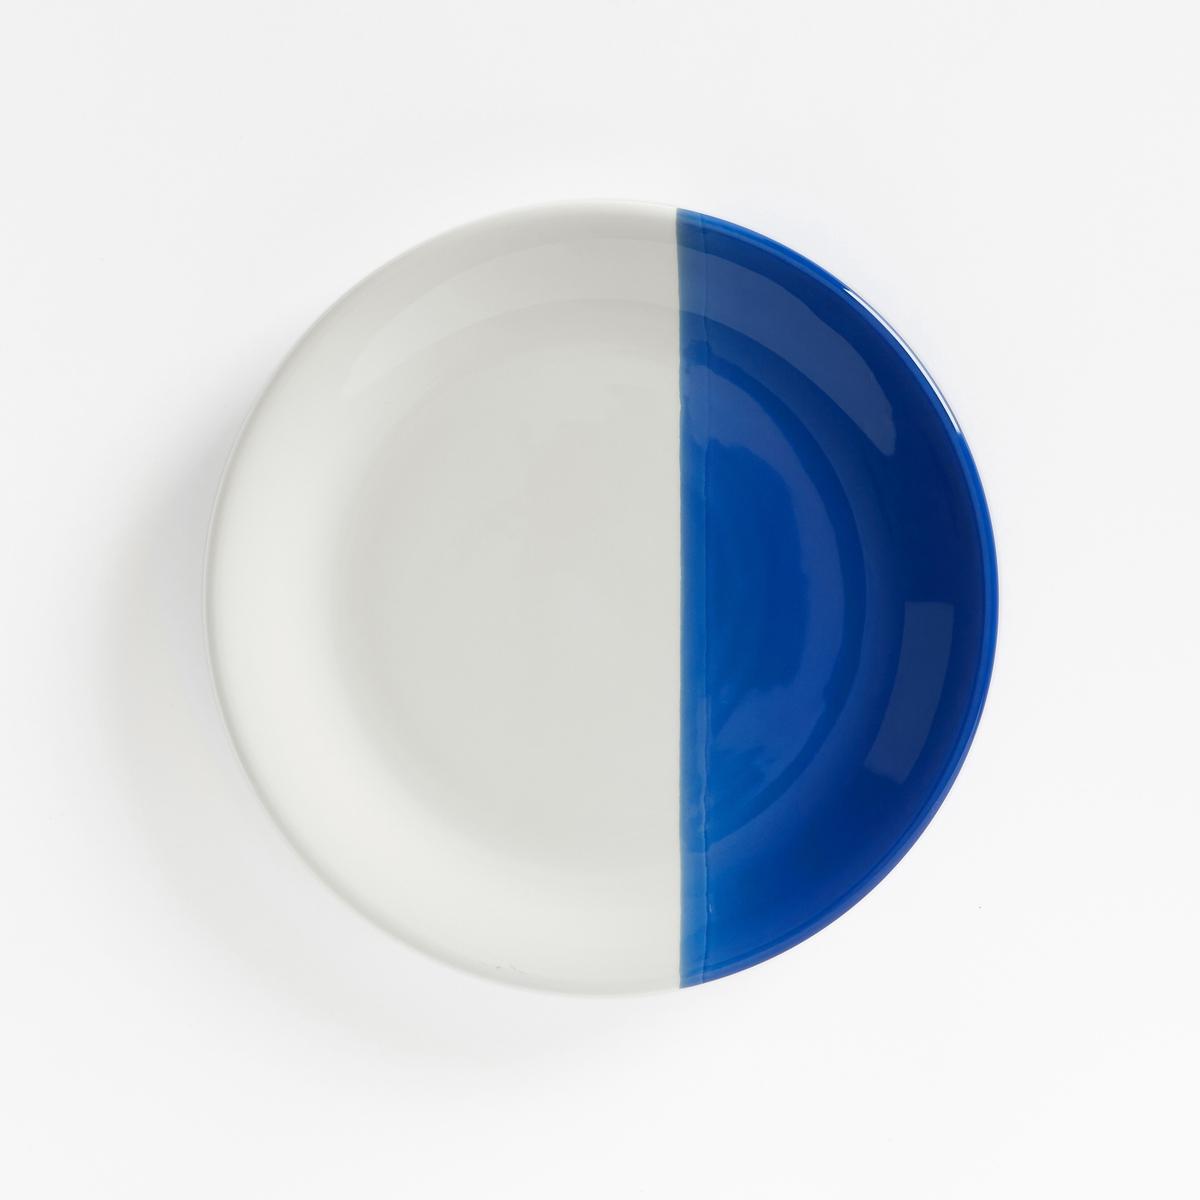 4 тарелки десертные из фаянса ZALATOОписание:Двухцветные десертные тарелки из фаянса с оригинальным дизайном . Каждая тарелка разделена цветом на 2 части.Описание десертных тарелок ZALATO :Комплект из 4 десертных тарелок из фаянса Размеры десертных тарелок ZALATO :Диаметр : 21,2 см Уход :Подходят для микроволновой печи и посудомоечной машины<br><br>Цвет: белый/ зеленый,белый/ розовая пудра,белый/ синий<br>Размер: единый размер